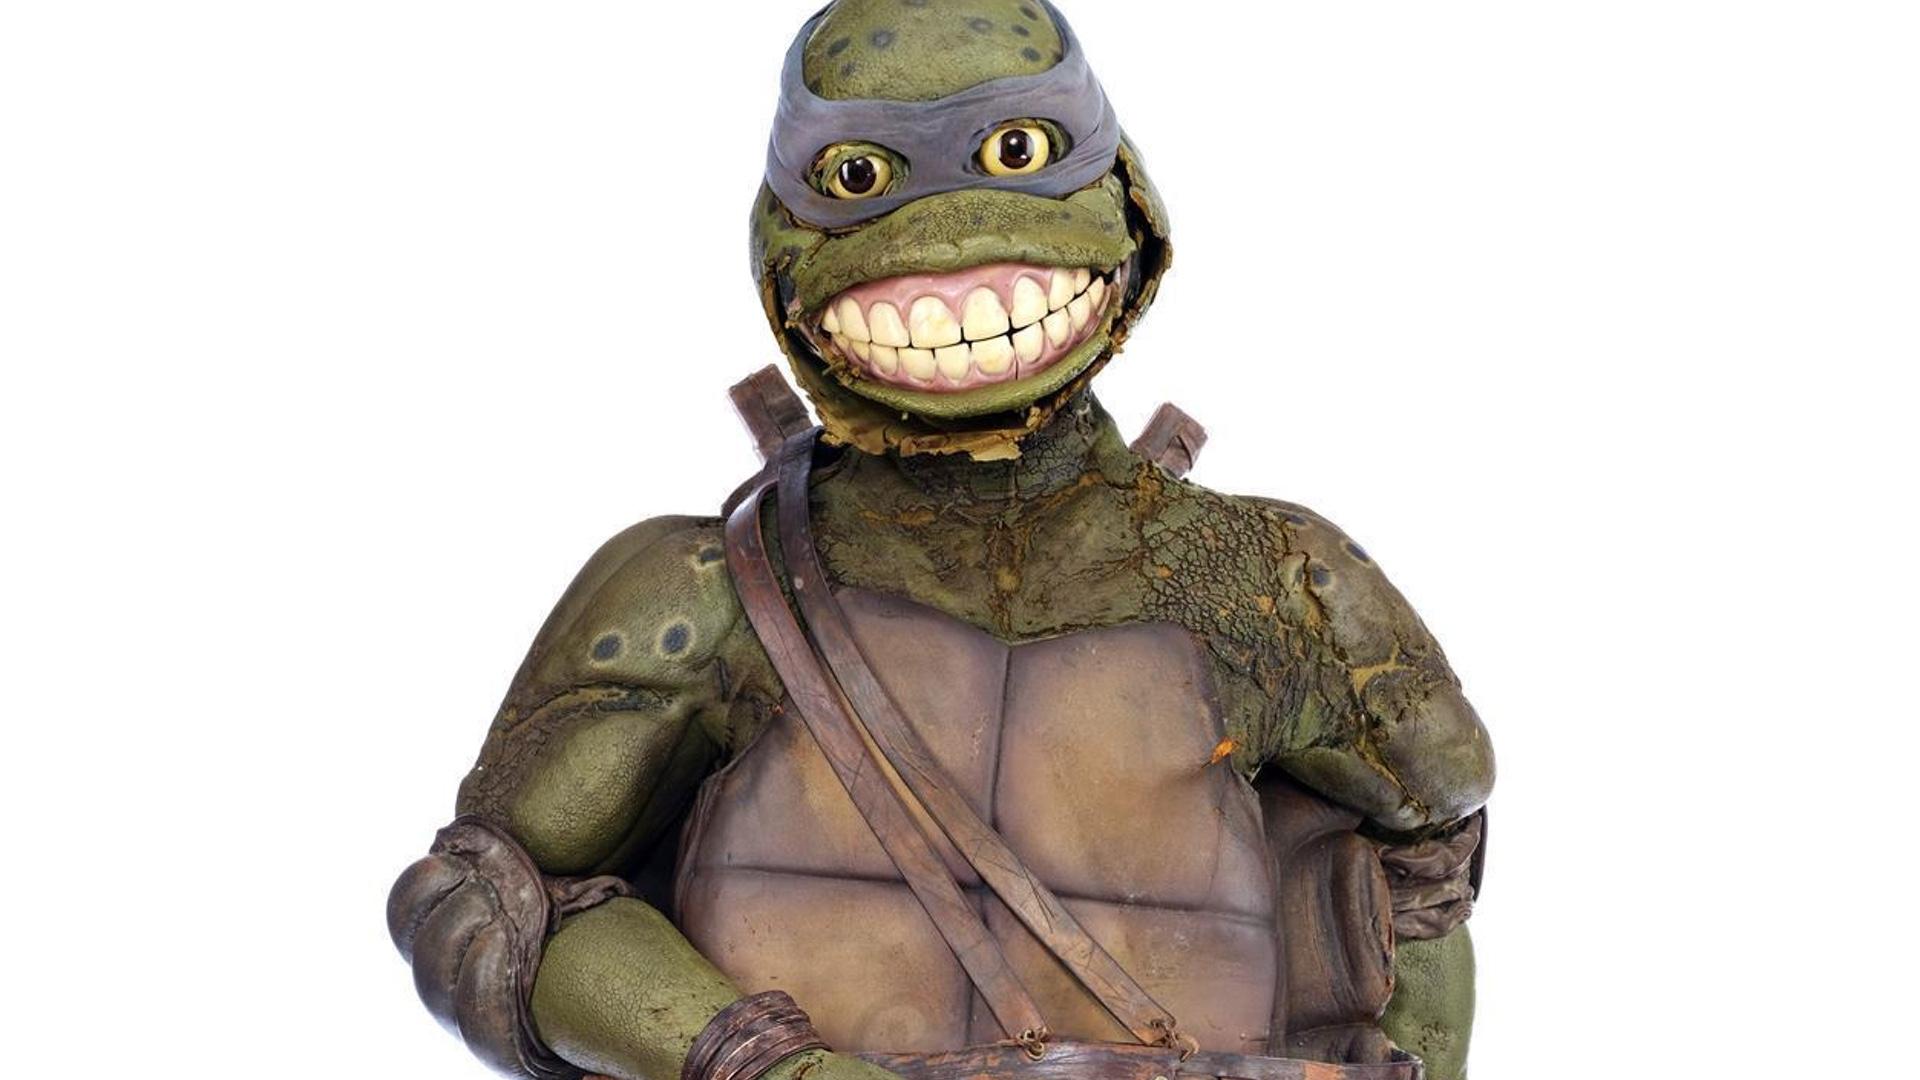 TEENAGE MUTANT NINJA TURTLES Movie Costume